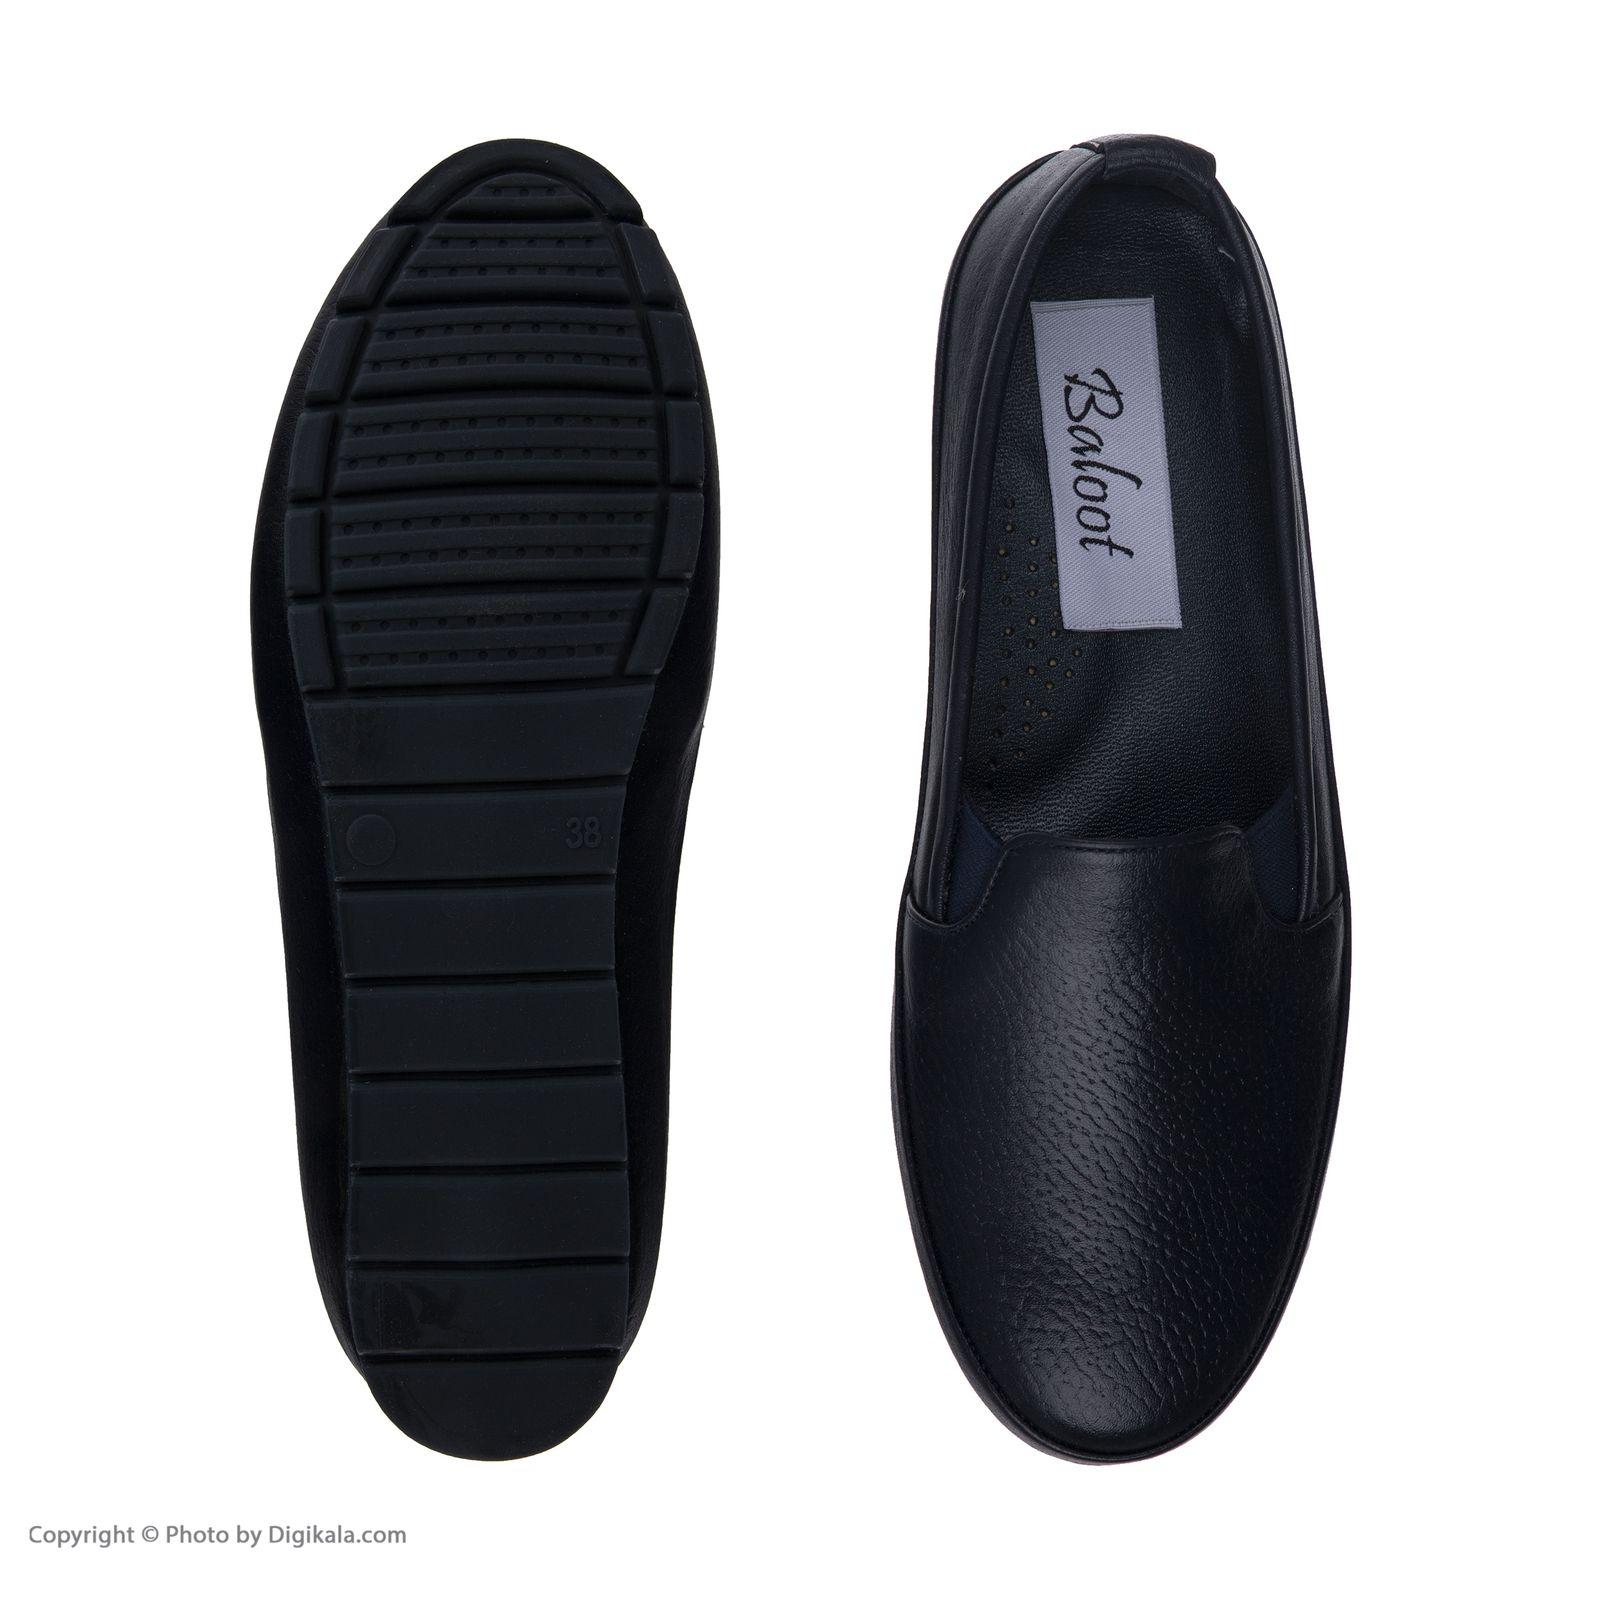 کفش روزمره زنانه بلوط مدل 5313A500103 -  - 4